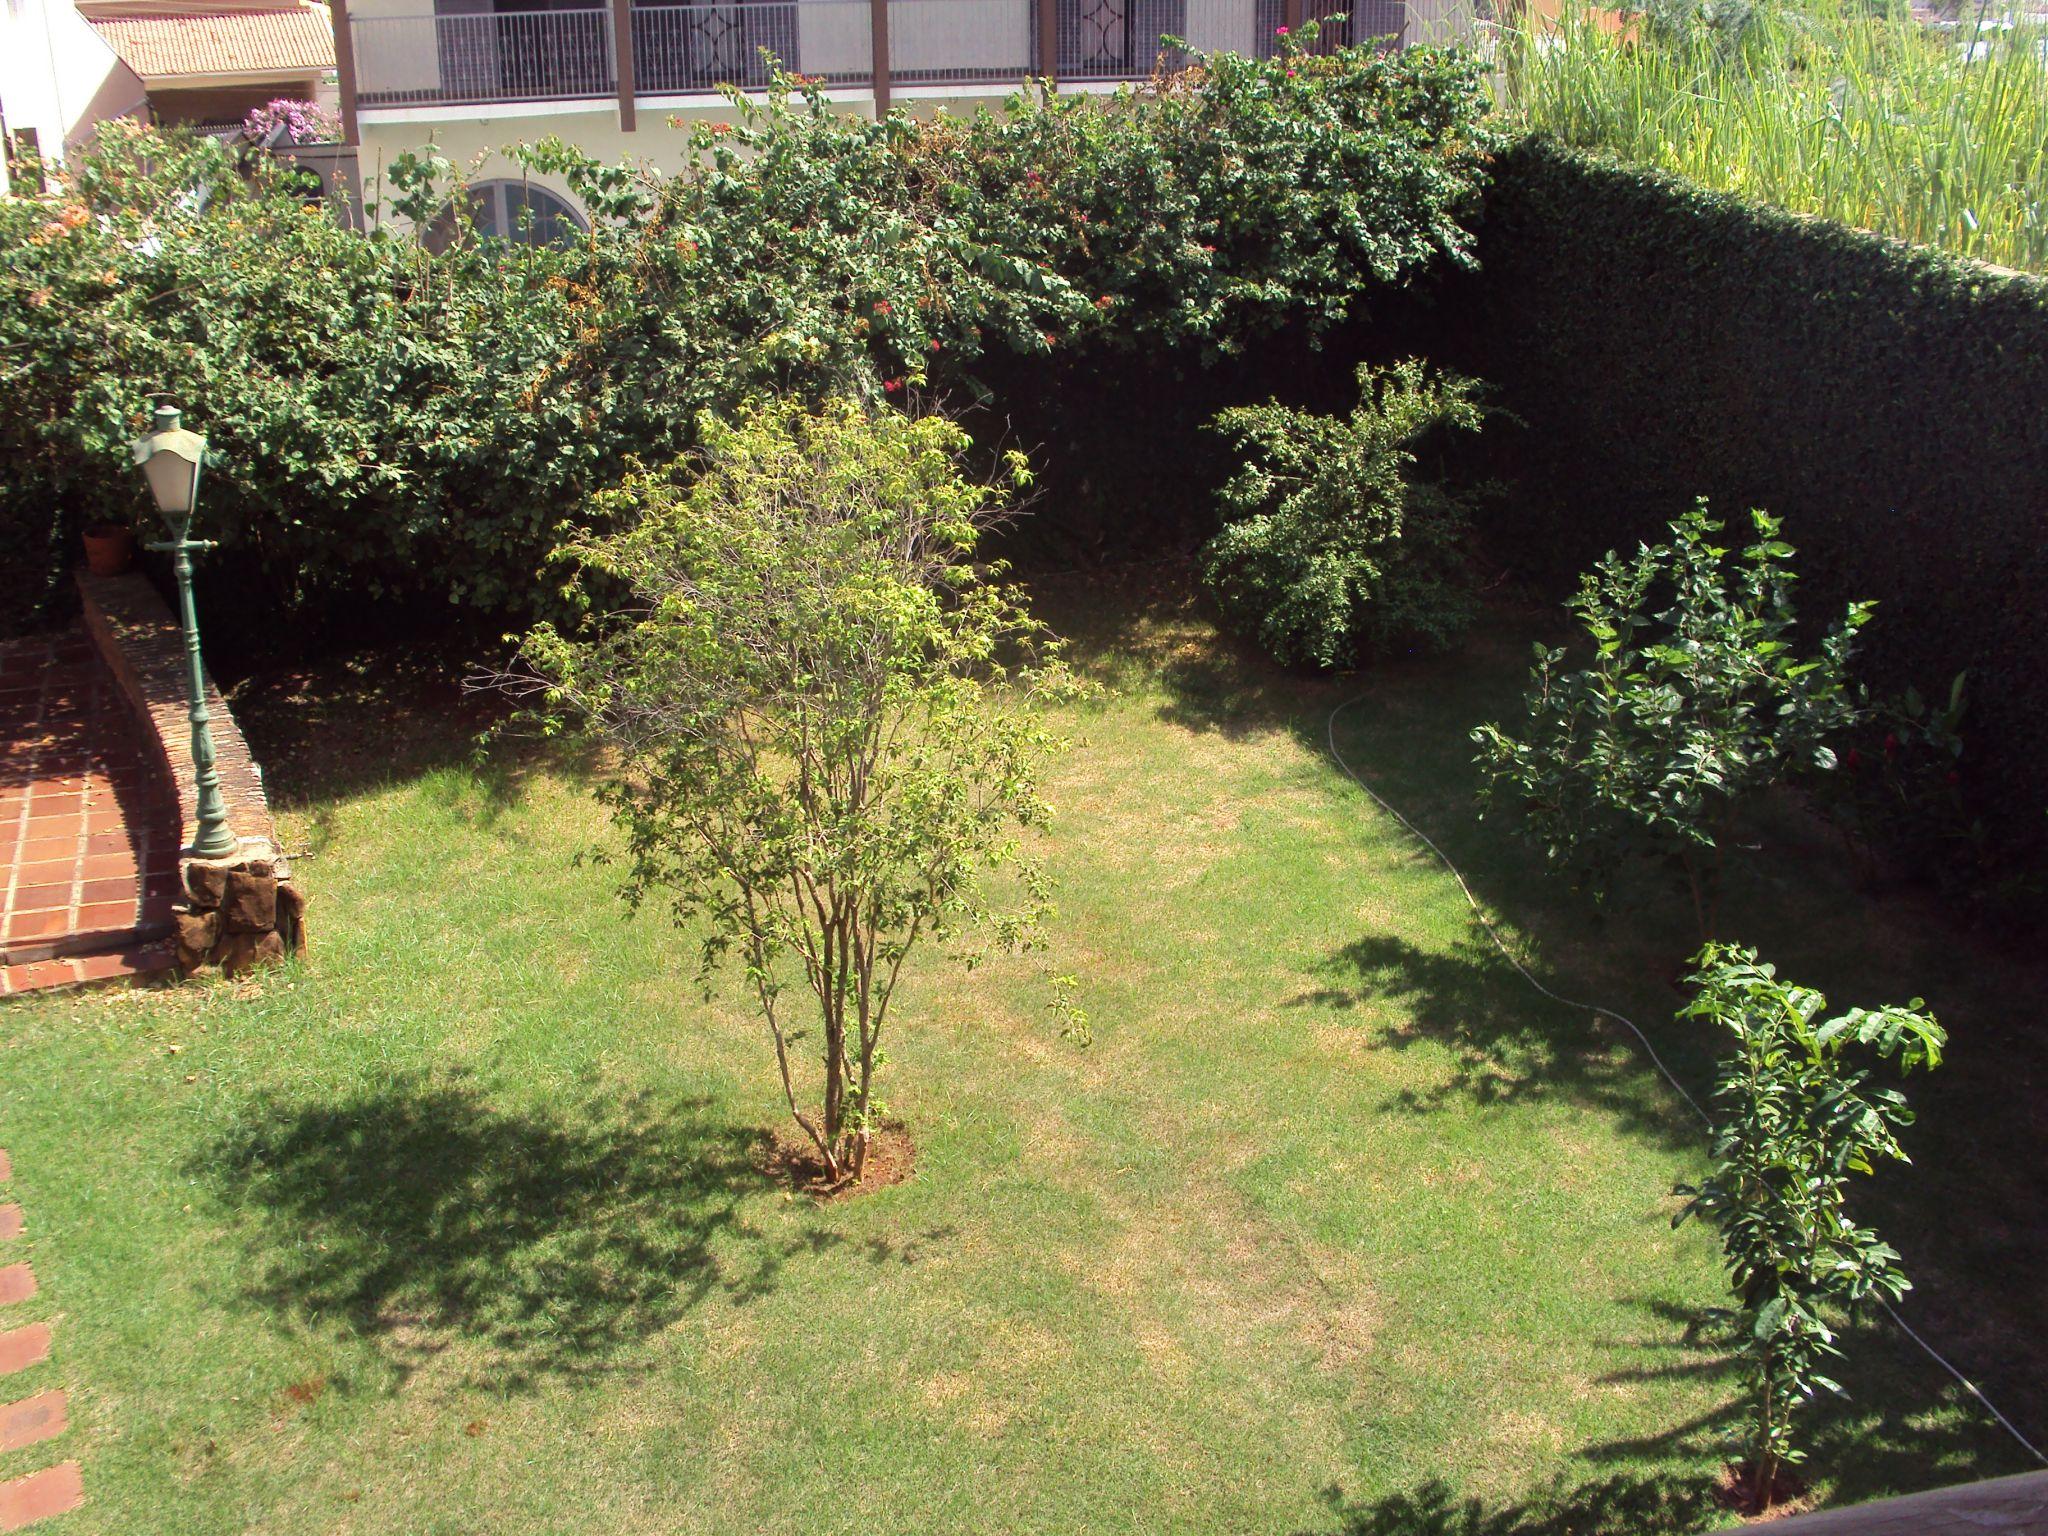 280 - Casa Ribeirania 819 m²